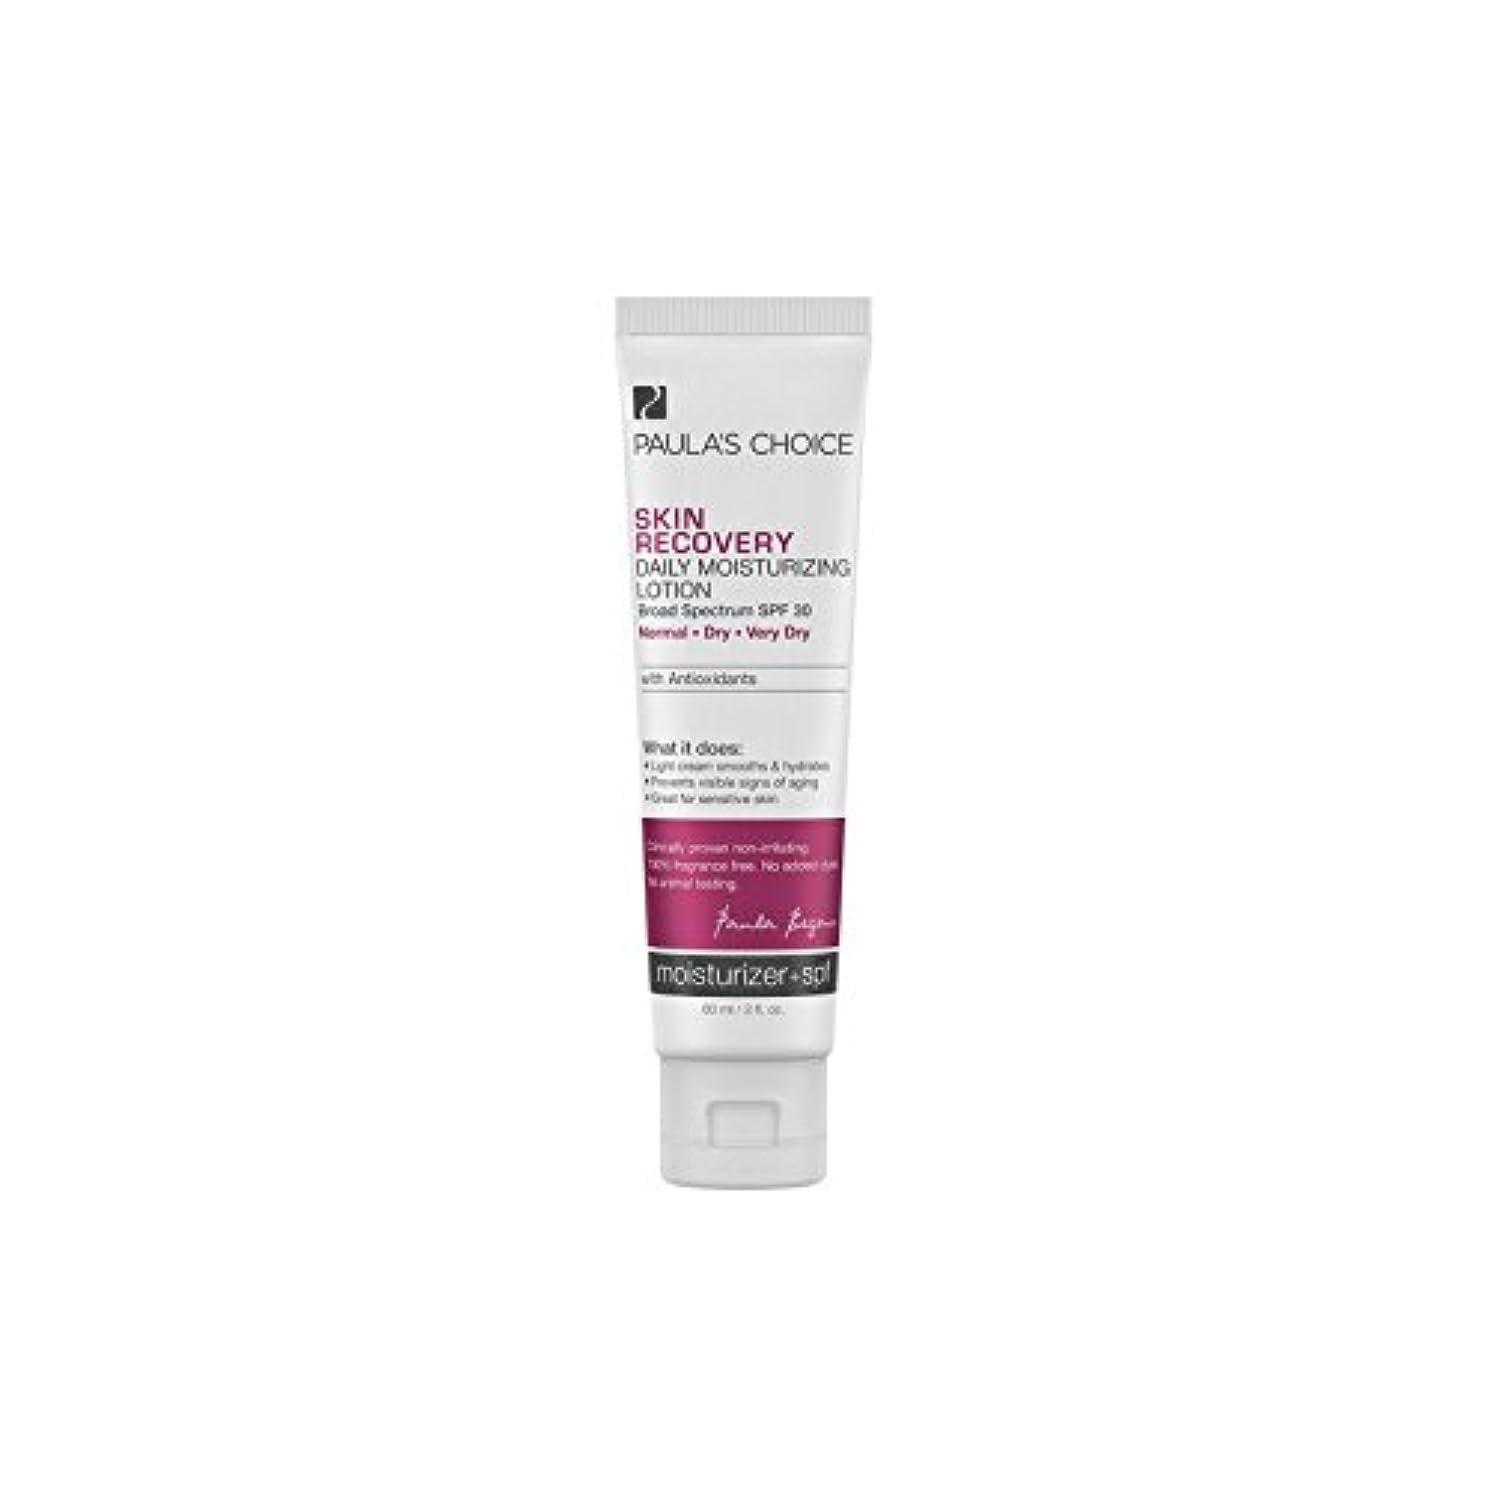 相互接続施し擬人Paula's Choice Skin Recovery Daily Moisturizing Lotion Spf30 (60ml) (Pack of 6) - ポーラチョイスの肌の回復毎日の保湿ローション30(60ミリリットル) x6 [並行輸入品]